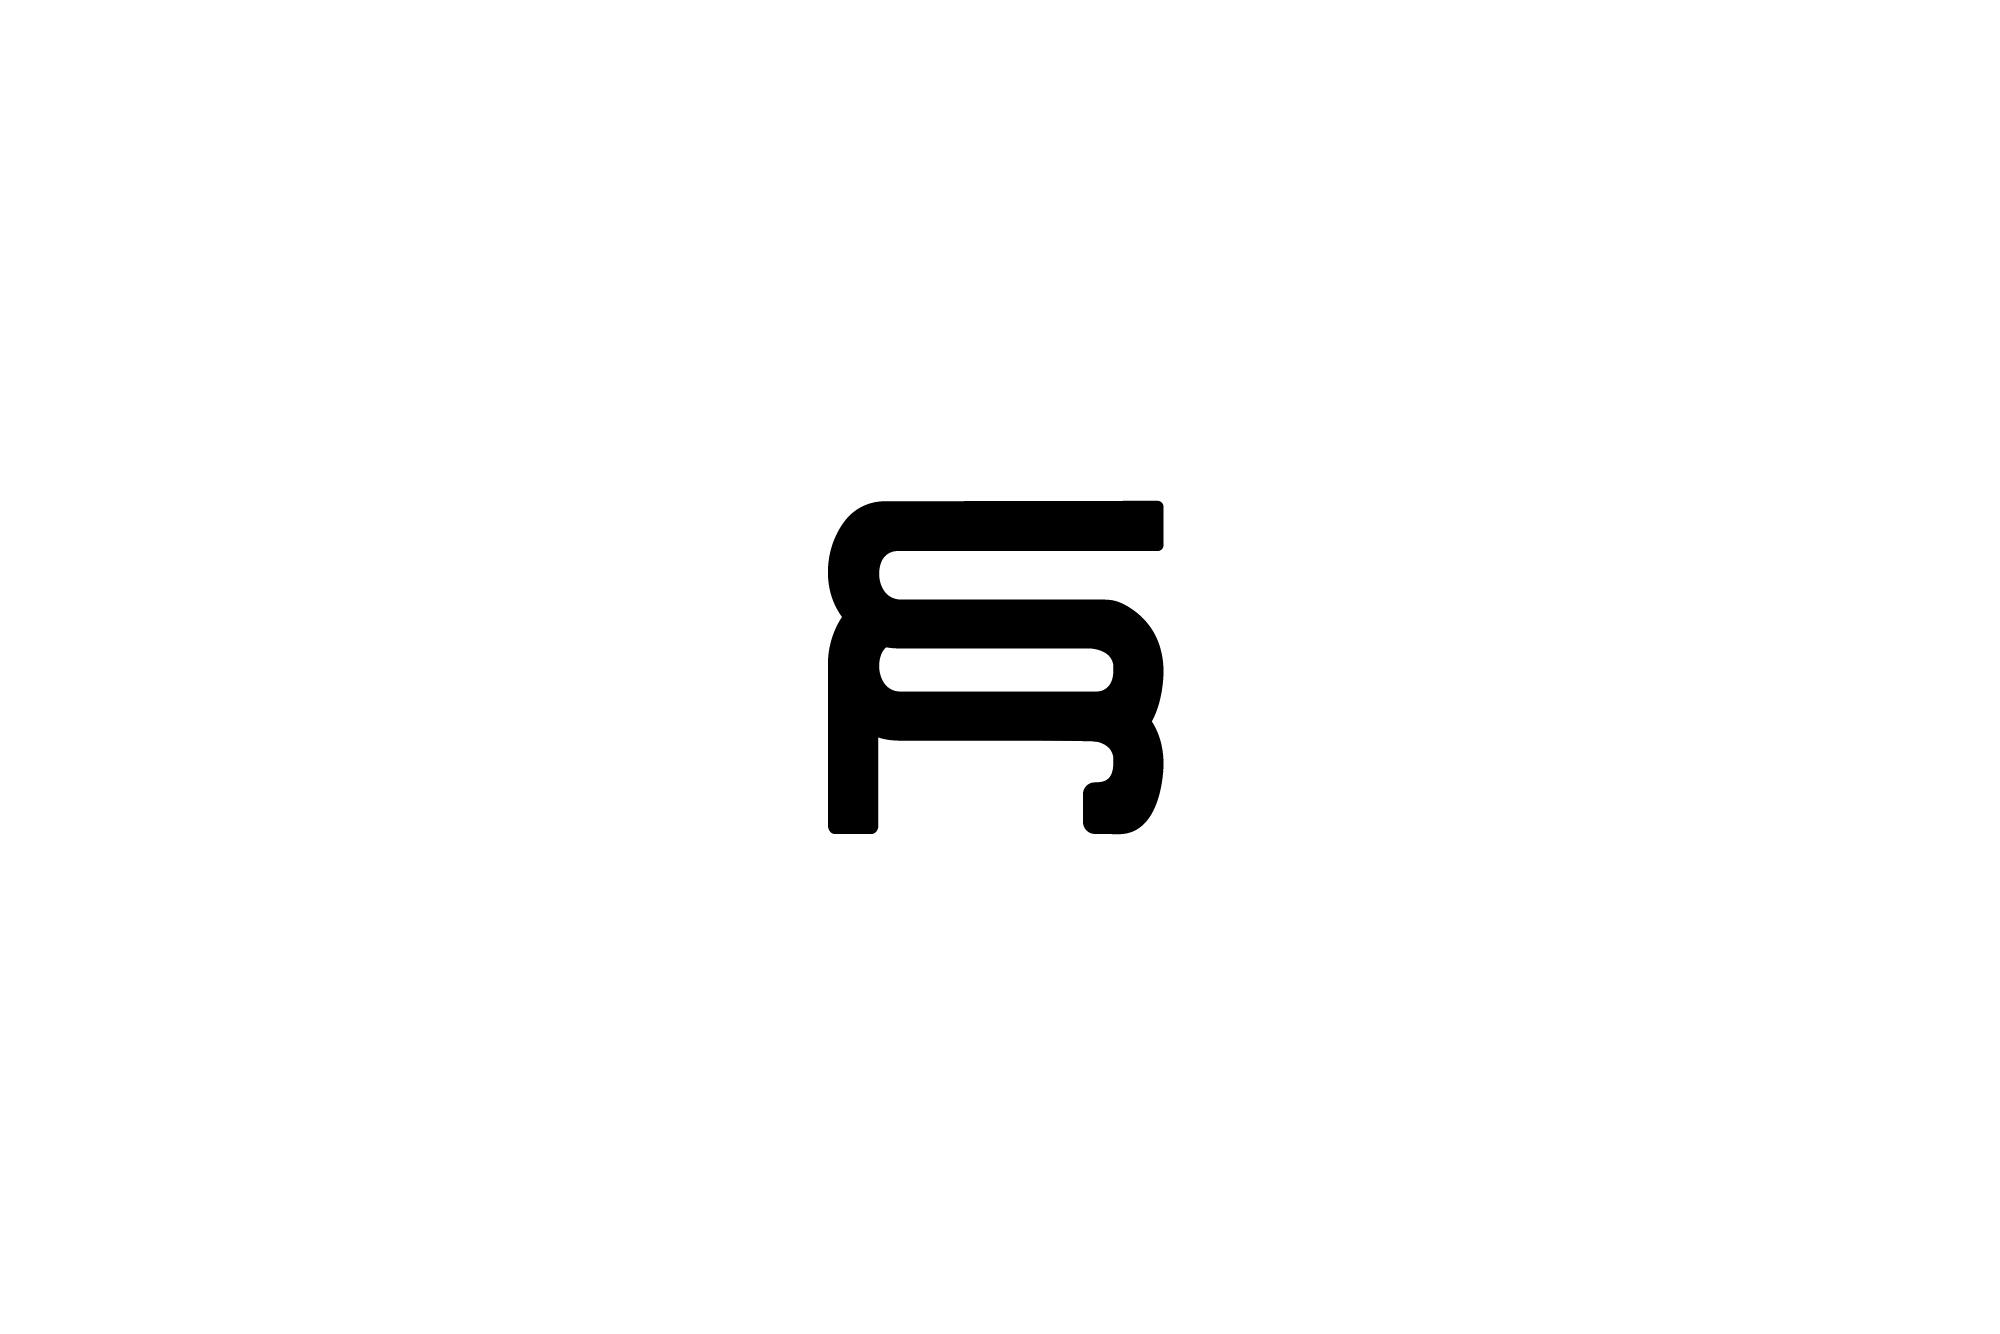 Logofolio-08.jpg